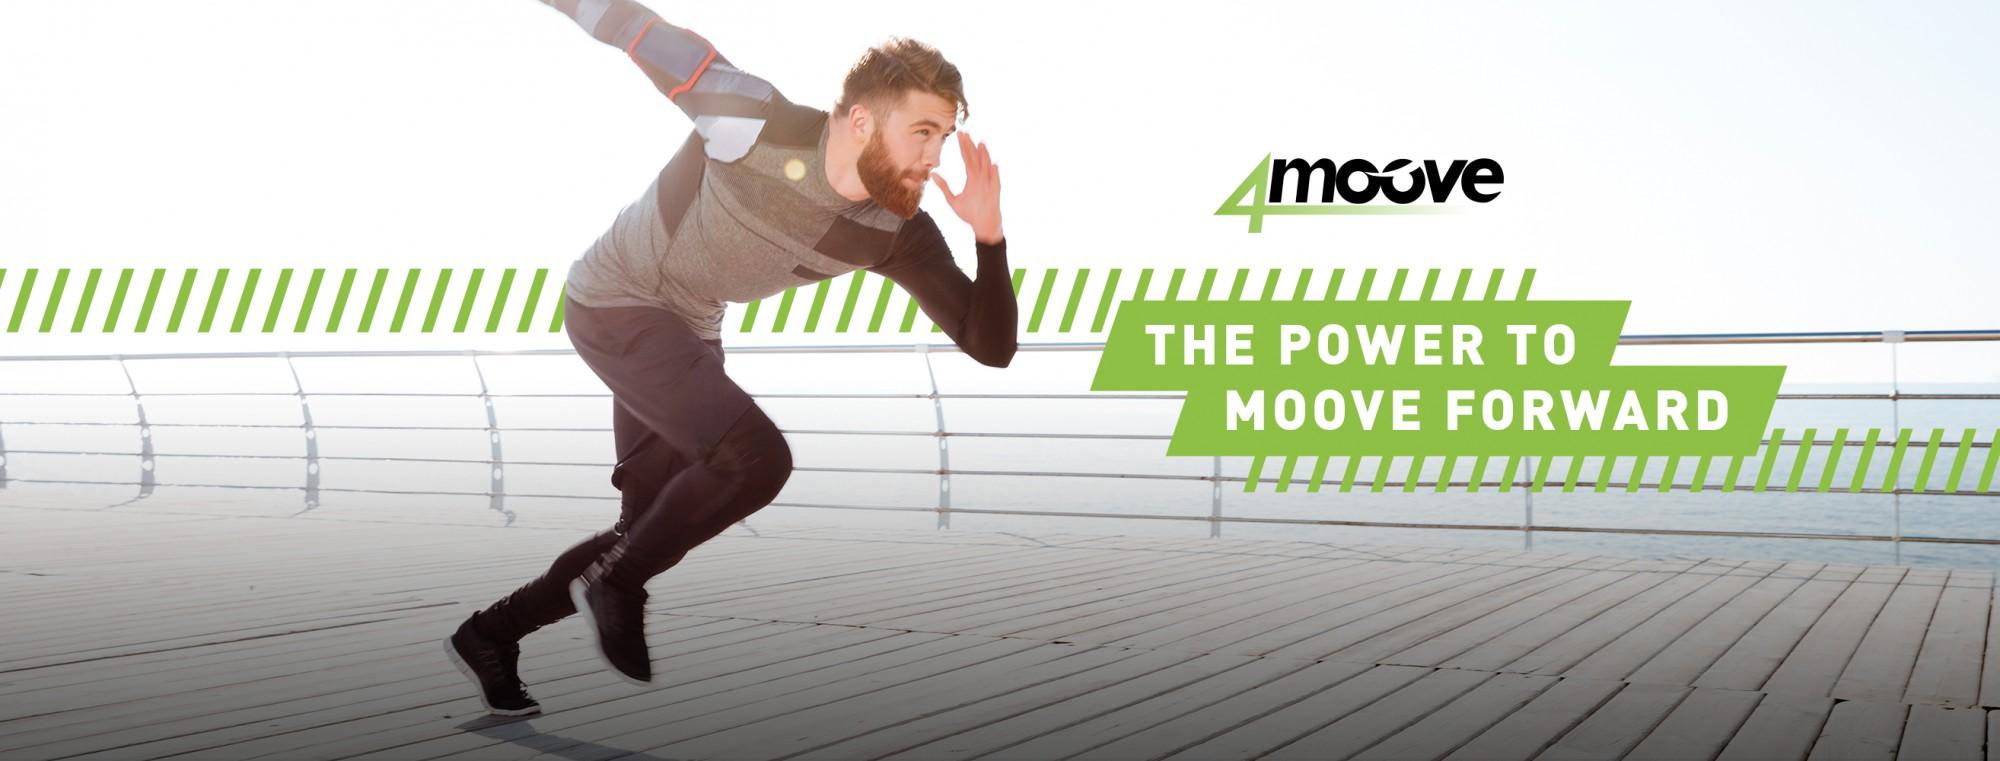 video motivacional 4moove